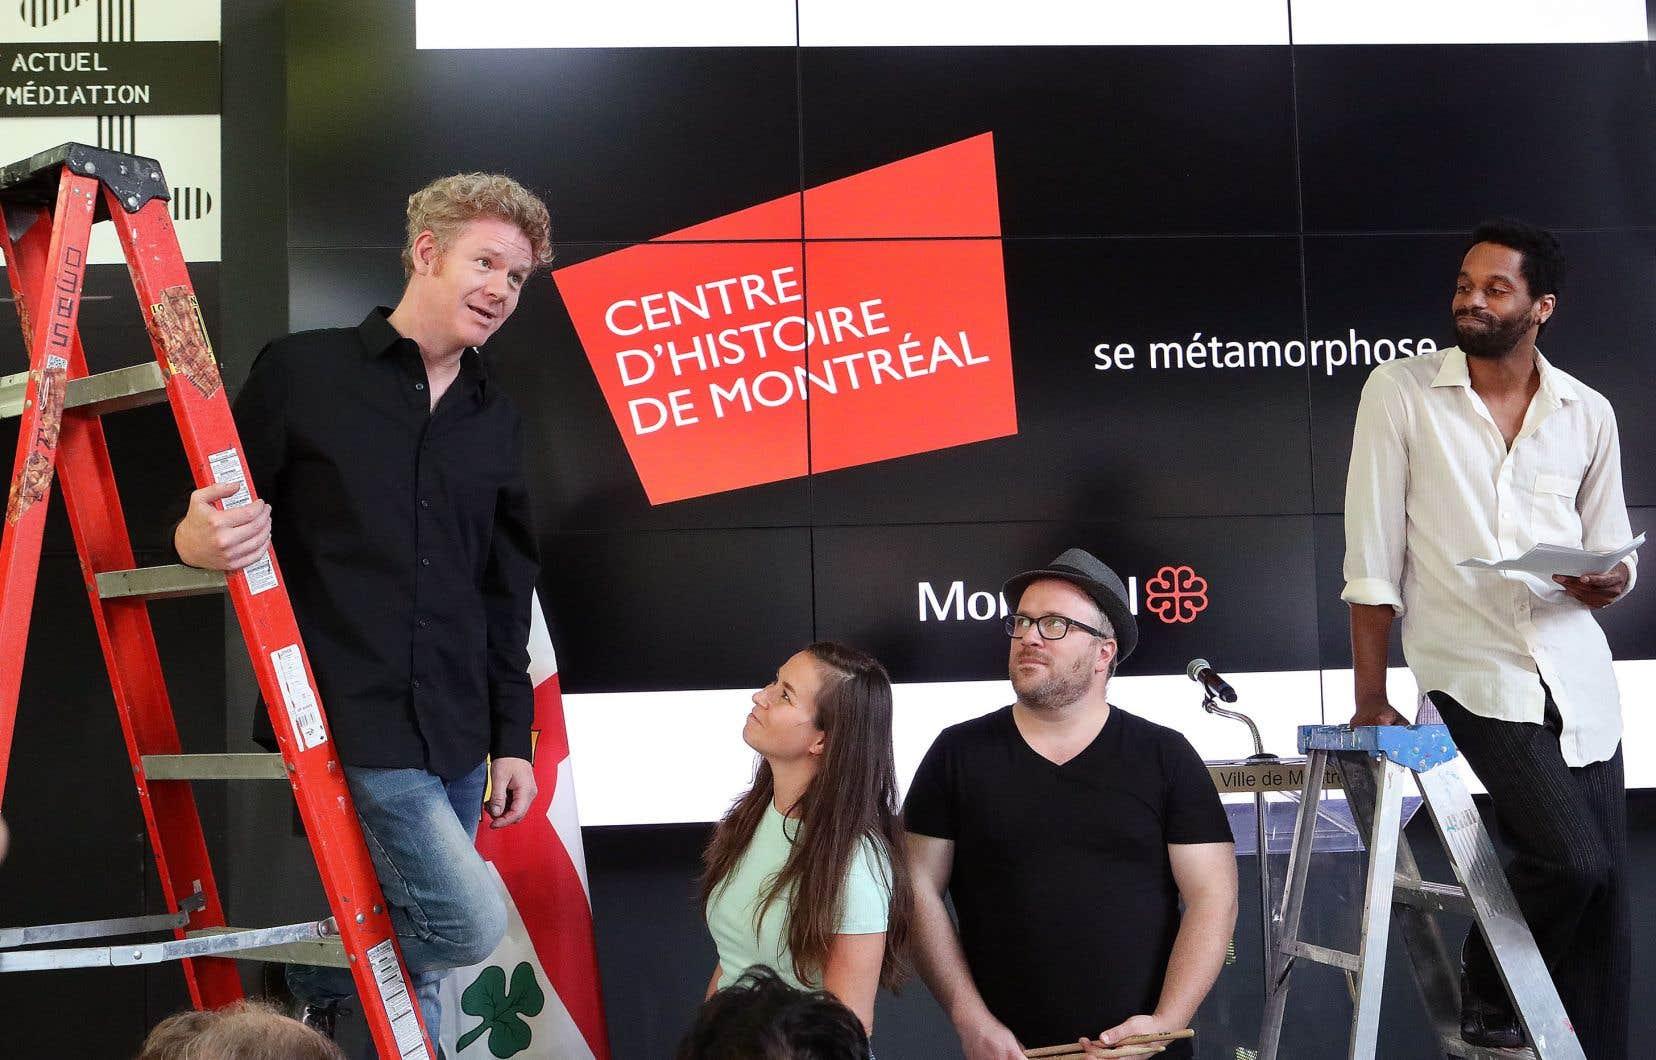 Des comédiens ont réalisé une prestation pour parler de personnages marquants de notre histoire lors du point de presse donné en présence de la mairesse de Montréal, Valérie Plante.